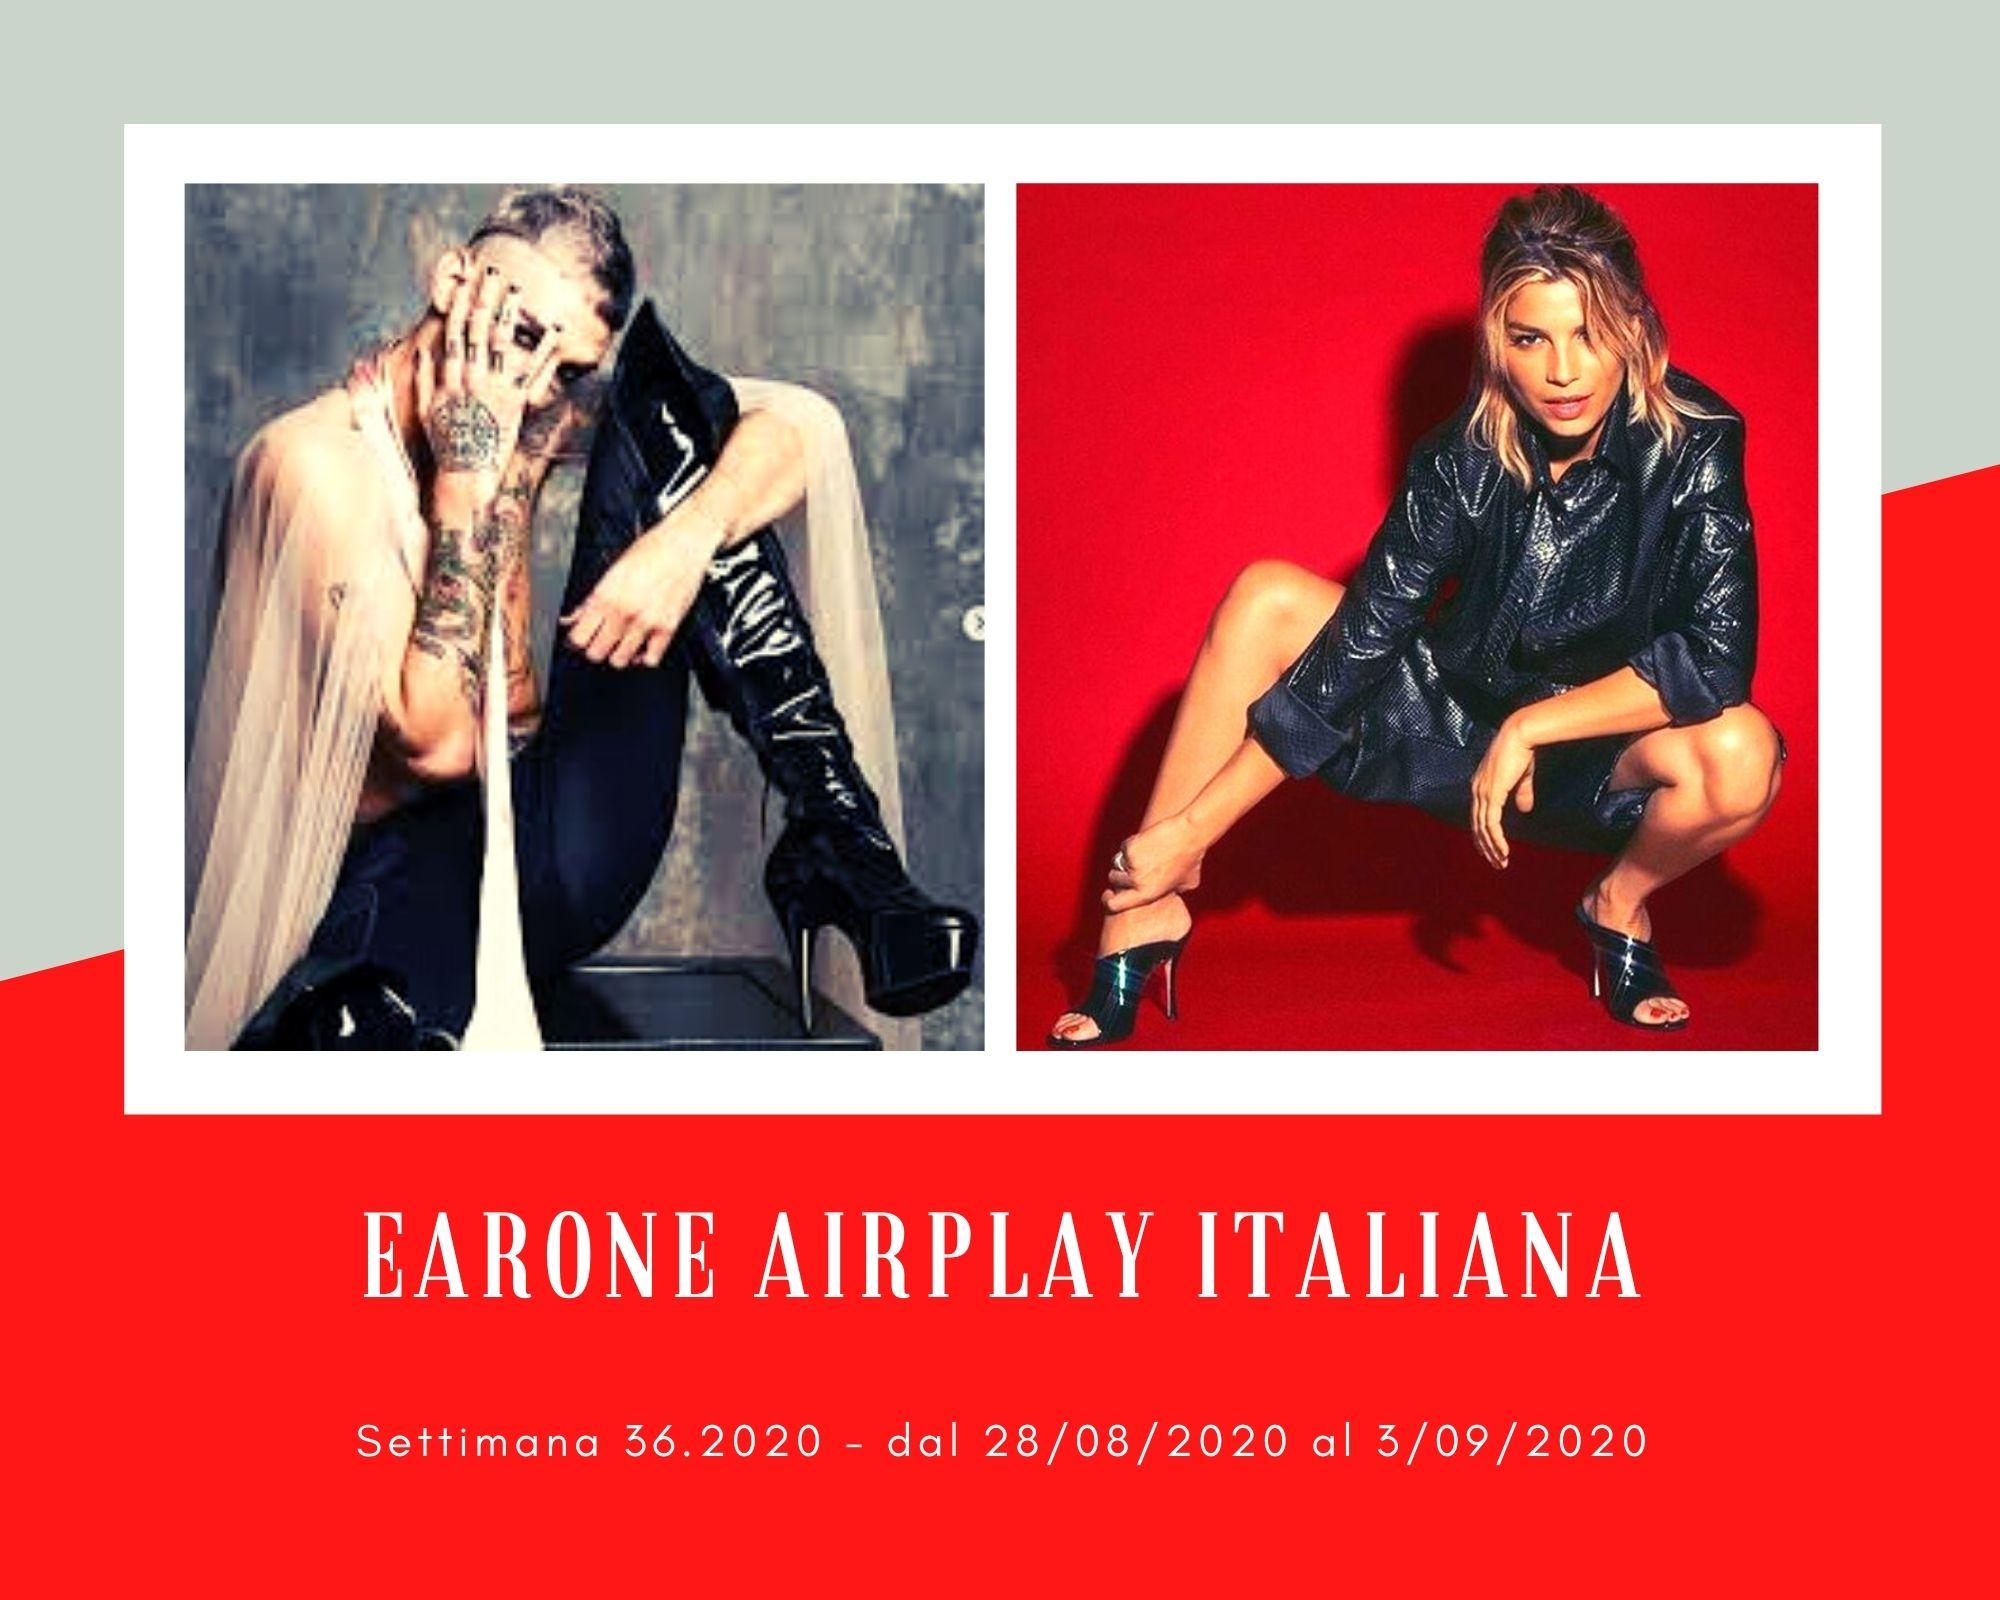 Classifica Radio EarOne Airplay Italiana, week 36: Achille Lauro regina a sorpresa. Avanzano Emma e la coppia Lgbt Mika & Michele Bravi